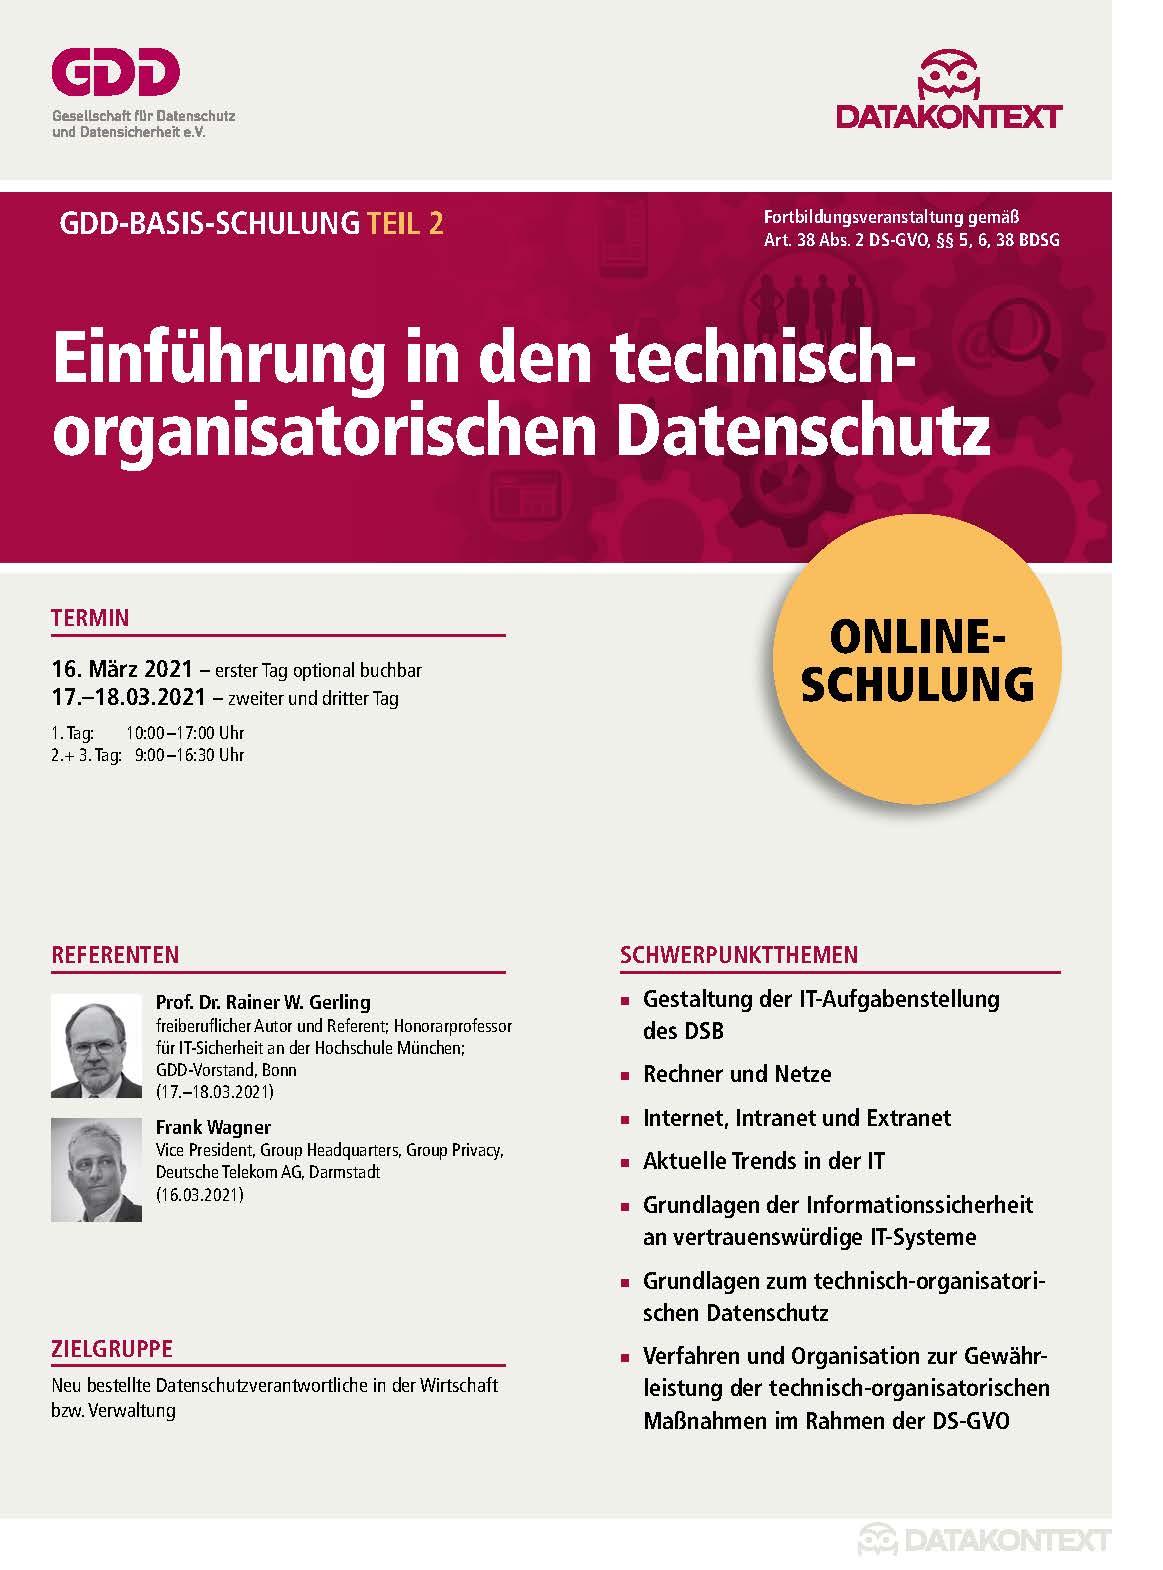 Teil 2: Einführung in den technisch-organisatorischen Datenschutz